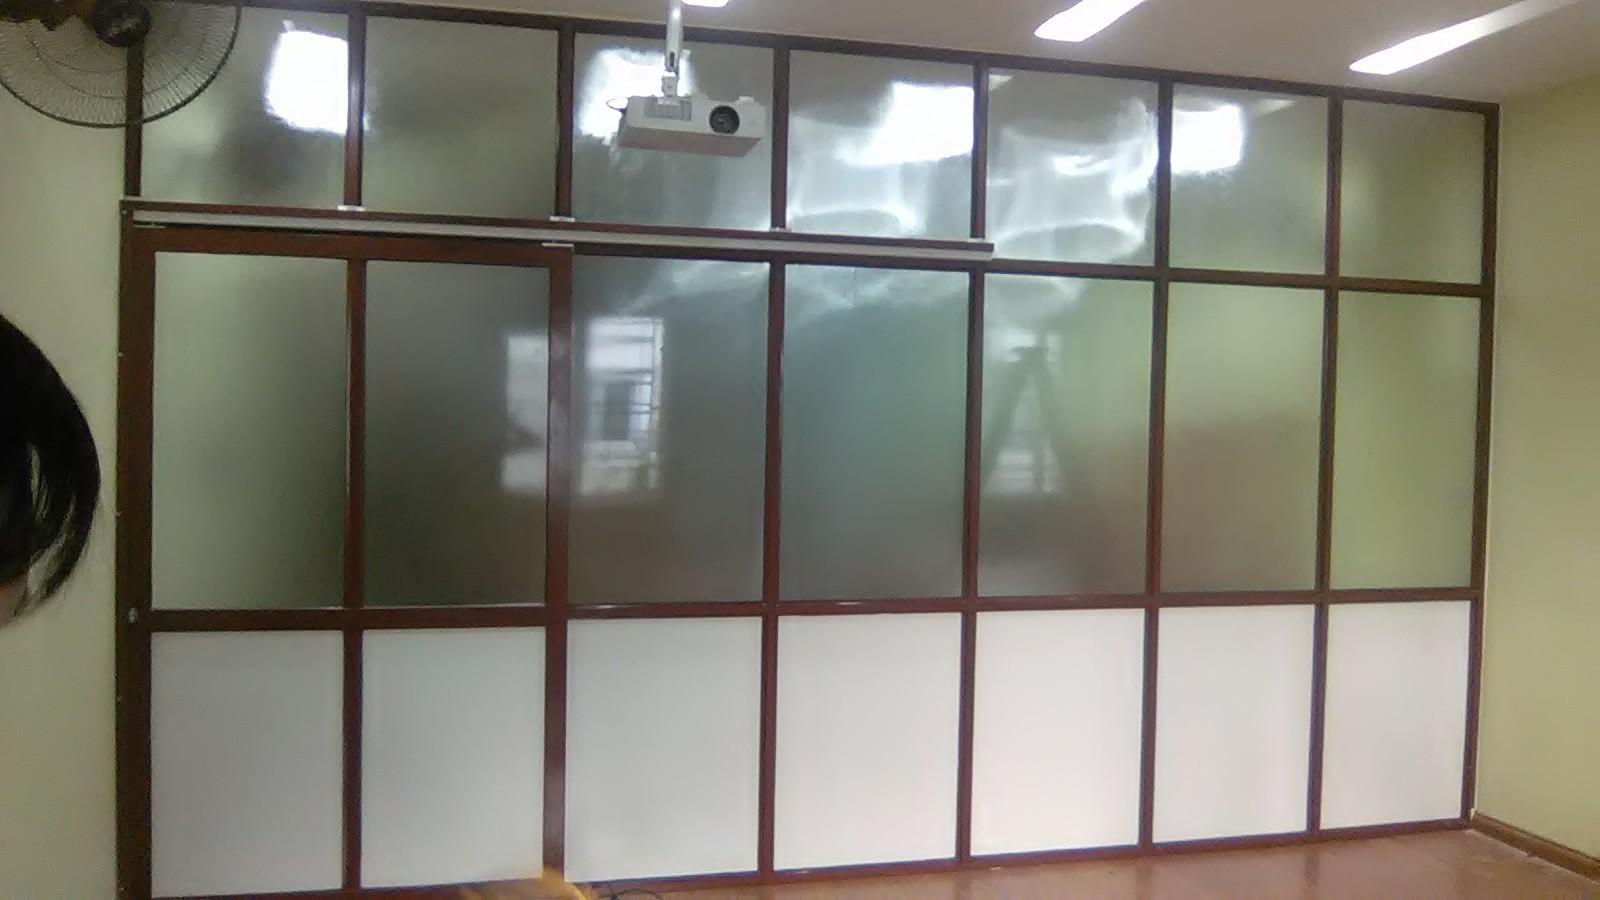 Thi công lắp đặt cửa nhôm kính quận Gò Vấp